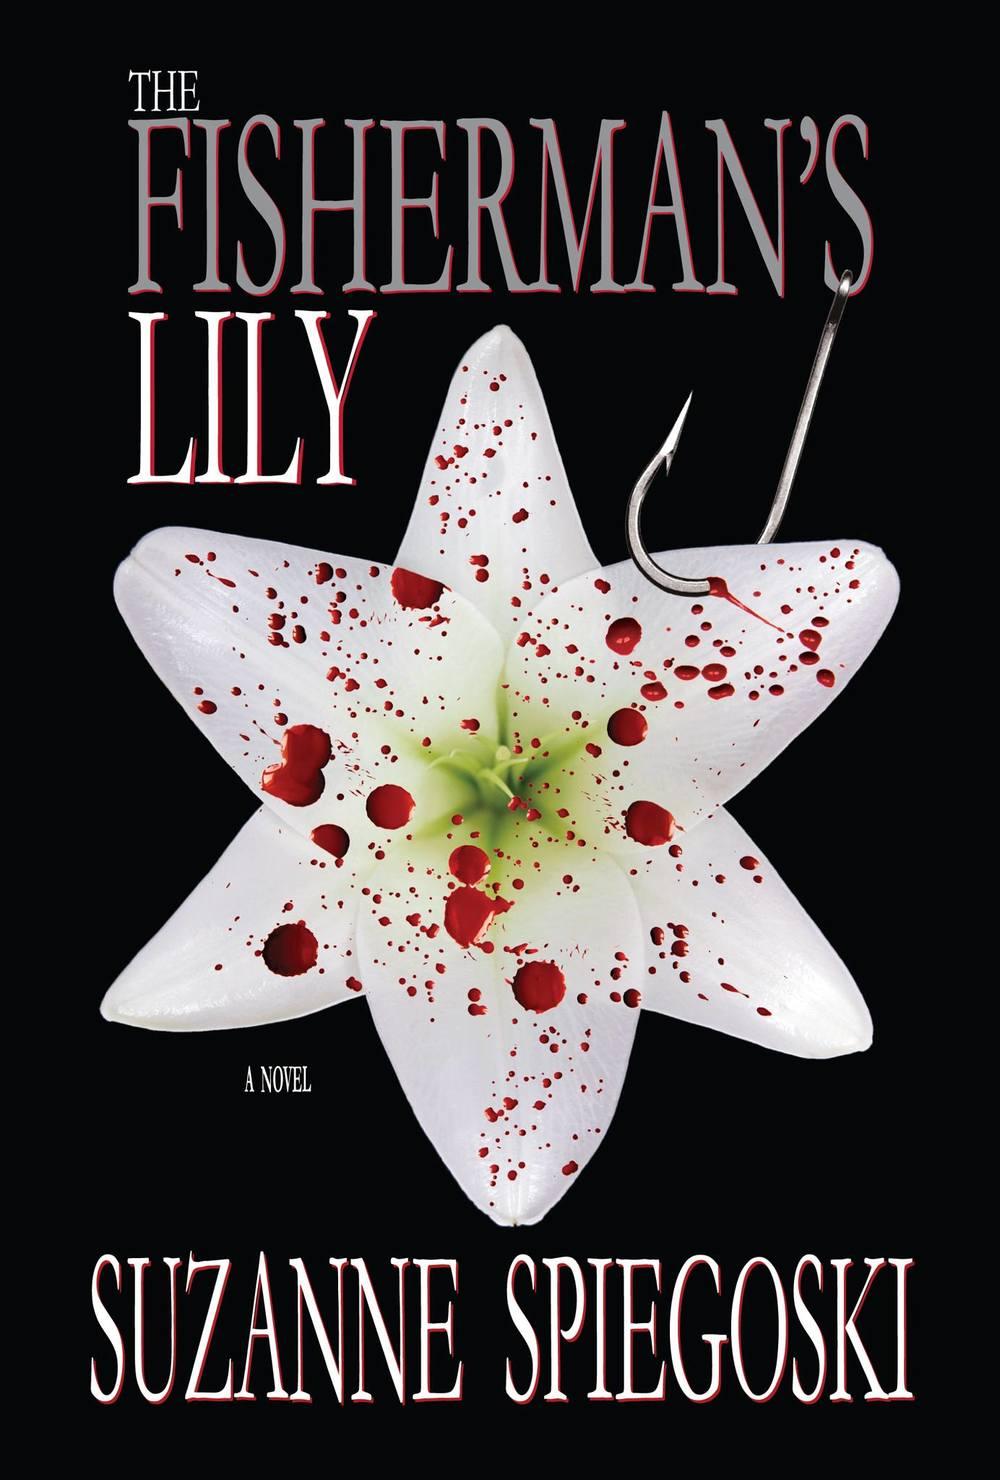 The Fisherman's Lily: A Novel by Suzanne Spiegoski